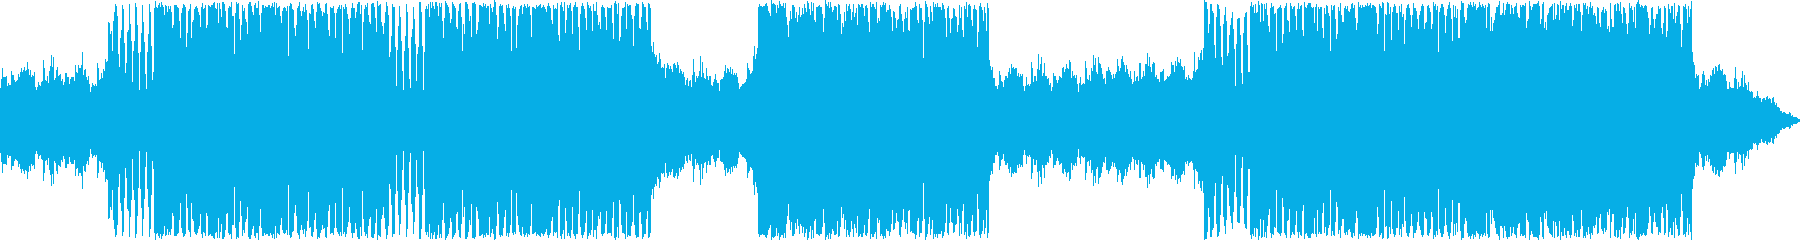 重厚な金管楽器がメインの楽曲の再生済みの波形